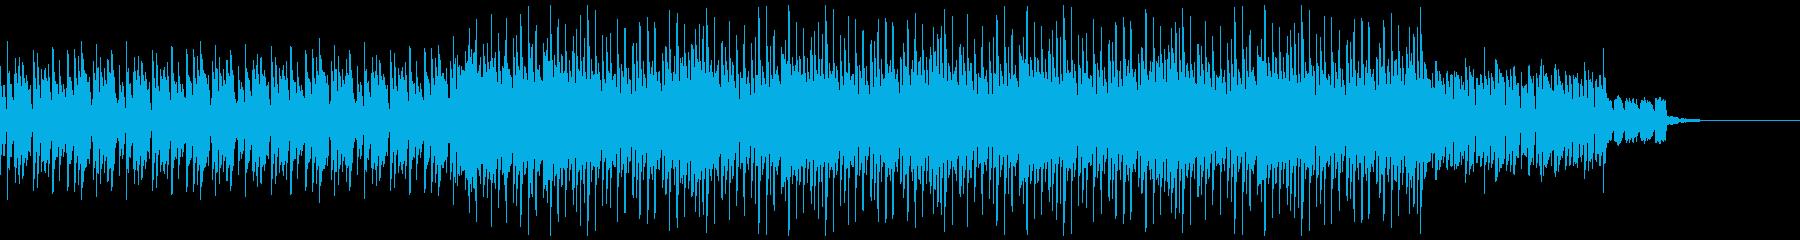 コーポレートテクスチャ―13の再生済みの波形